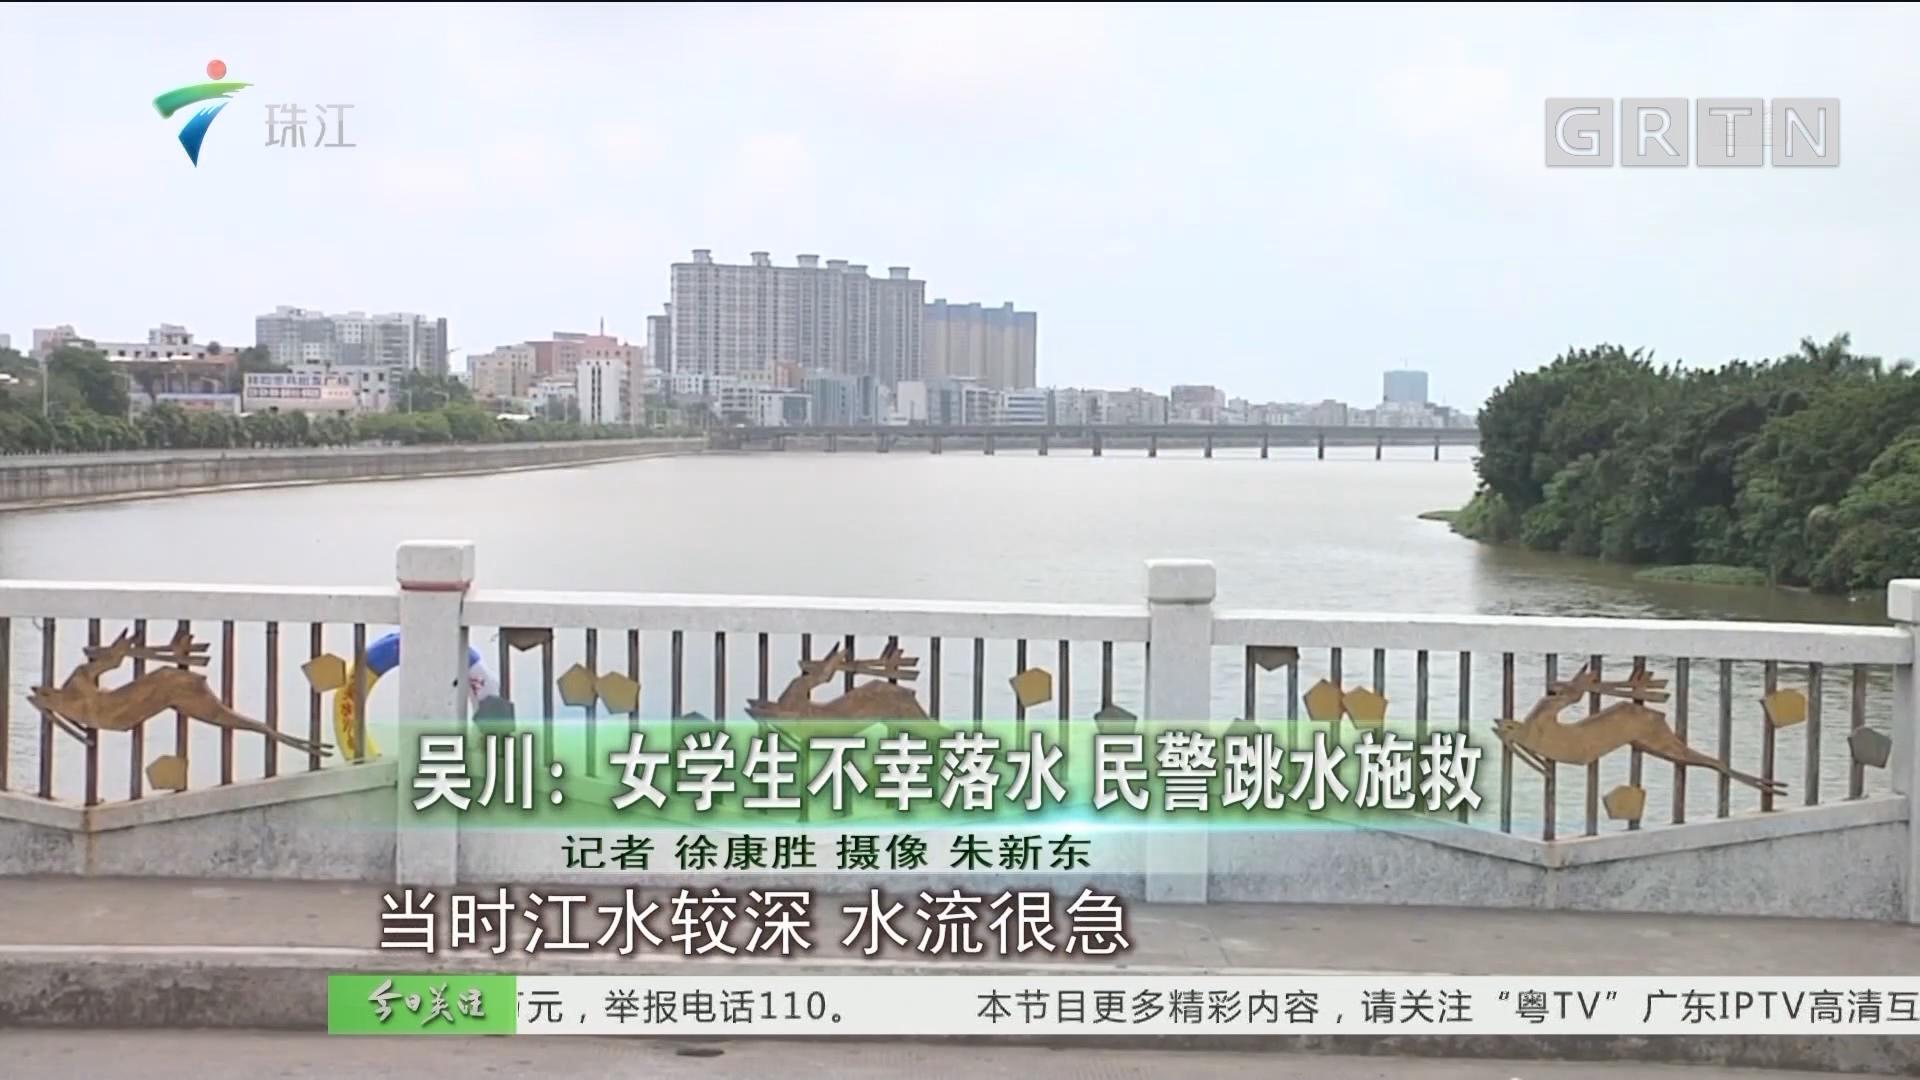 吳川:女學生不幸落水 民警跳水施救